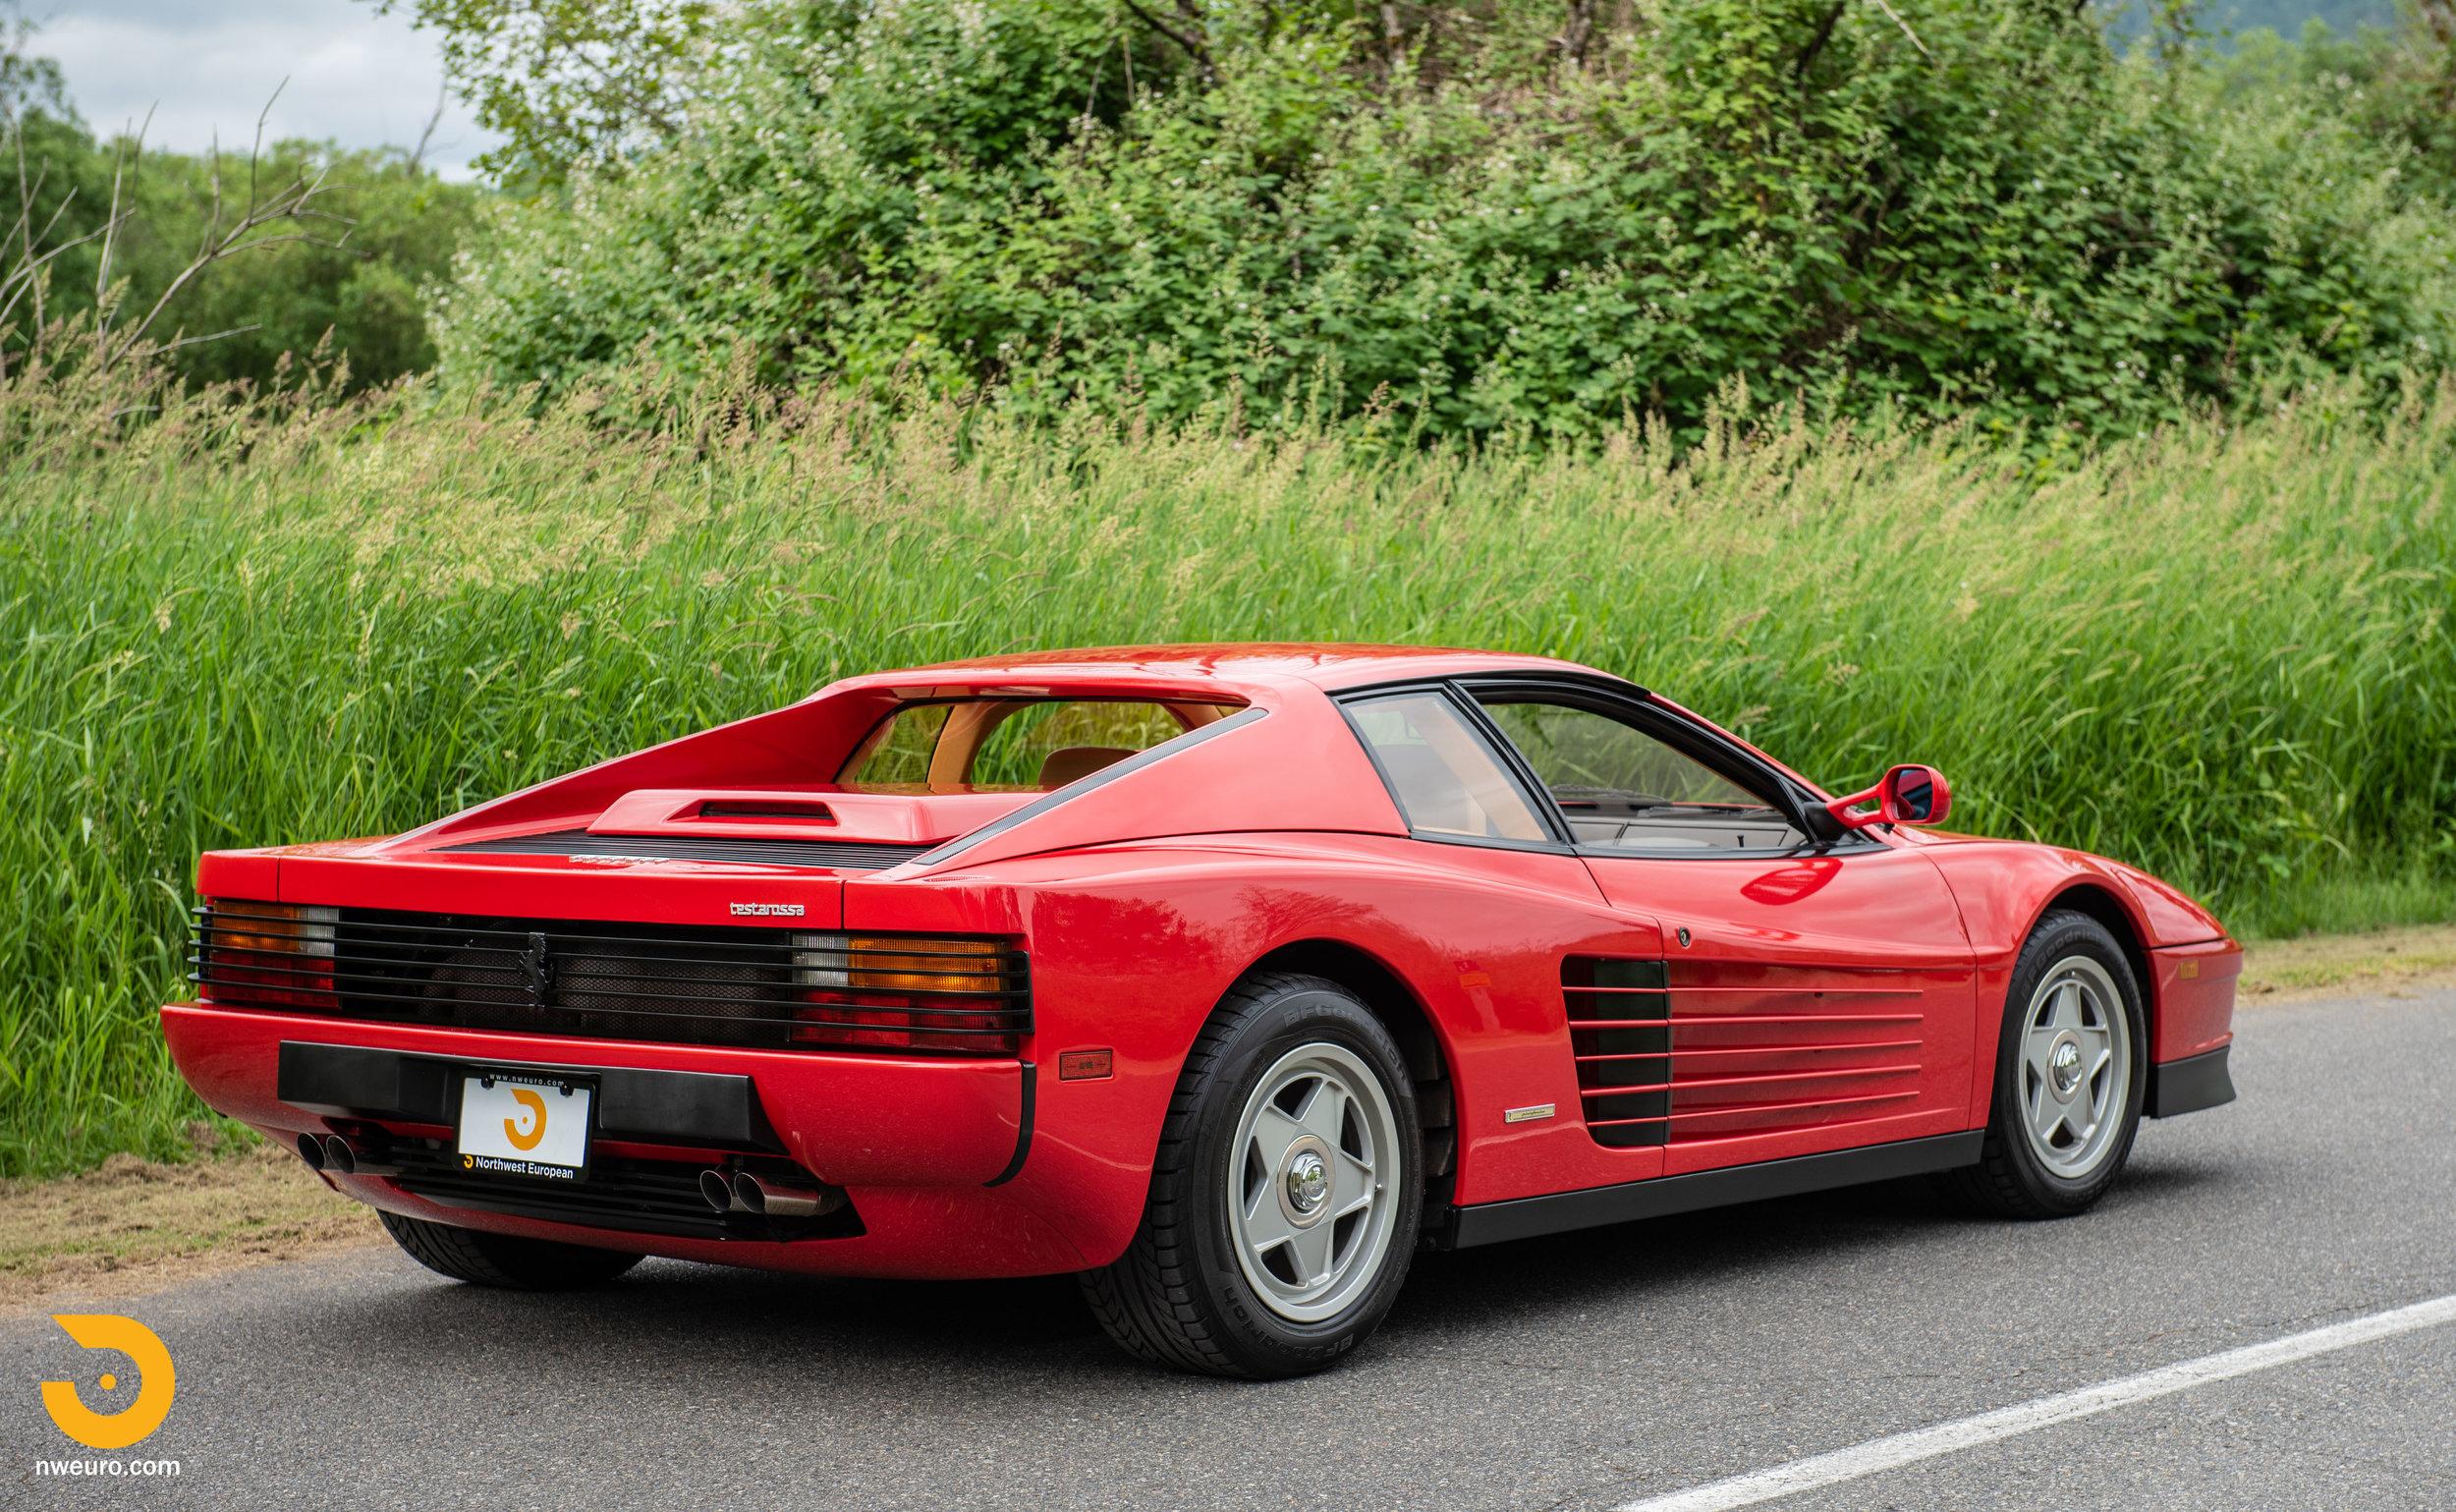 1988 Ferrari Testarossa-95.jpg